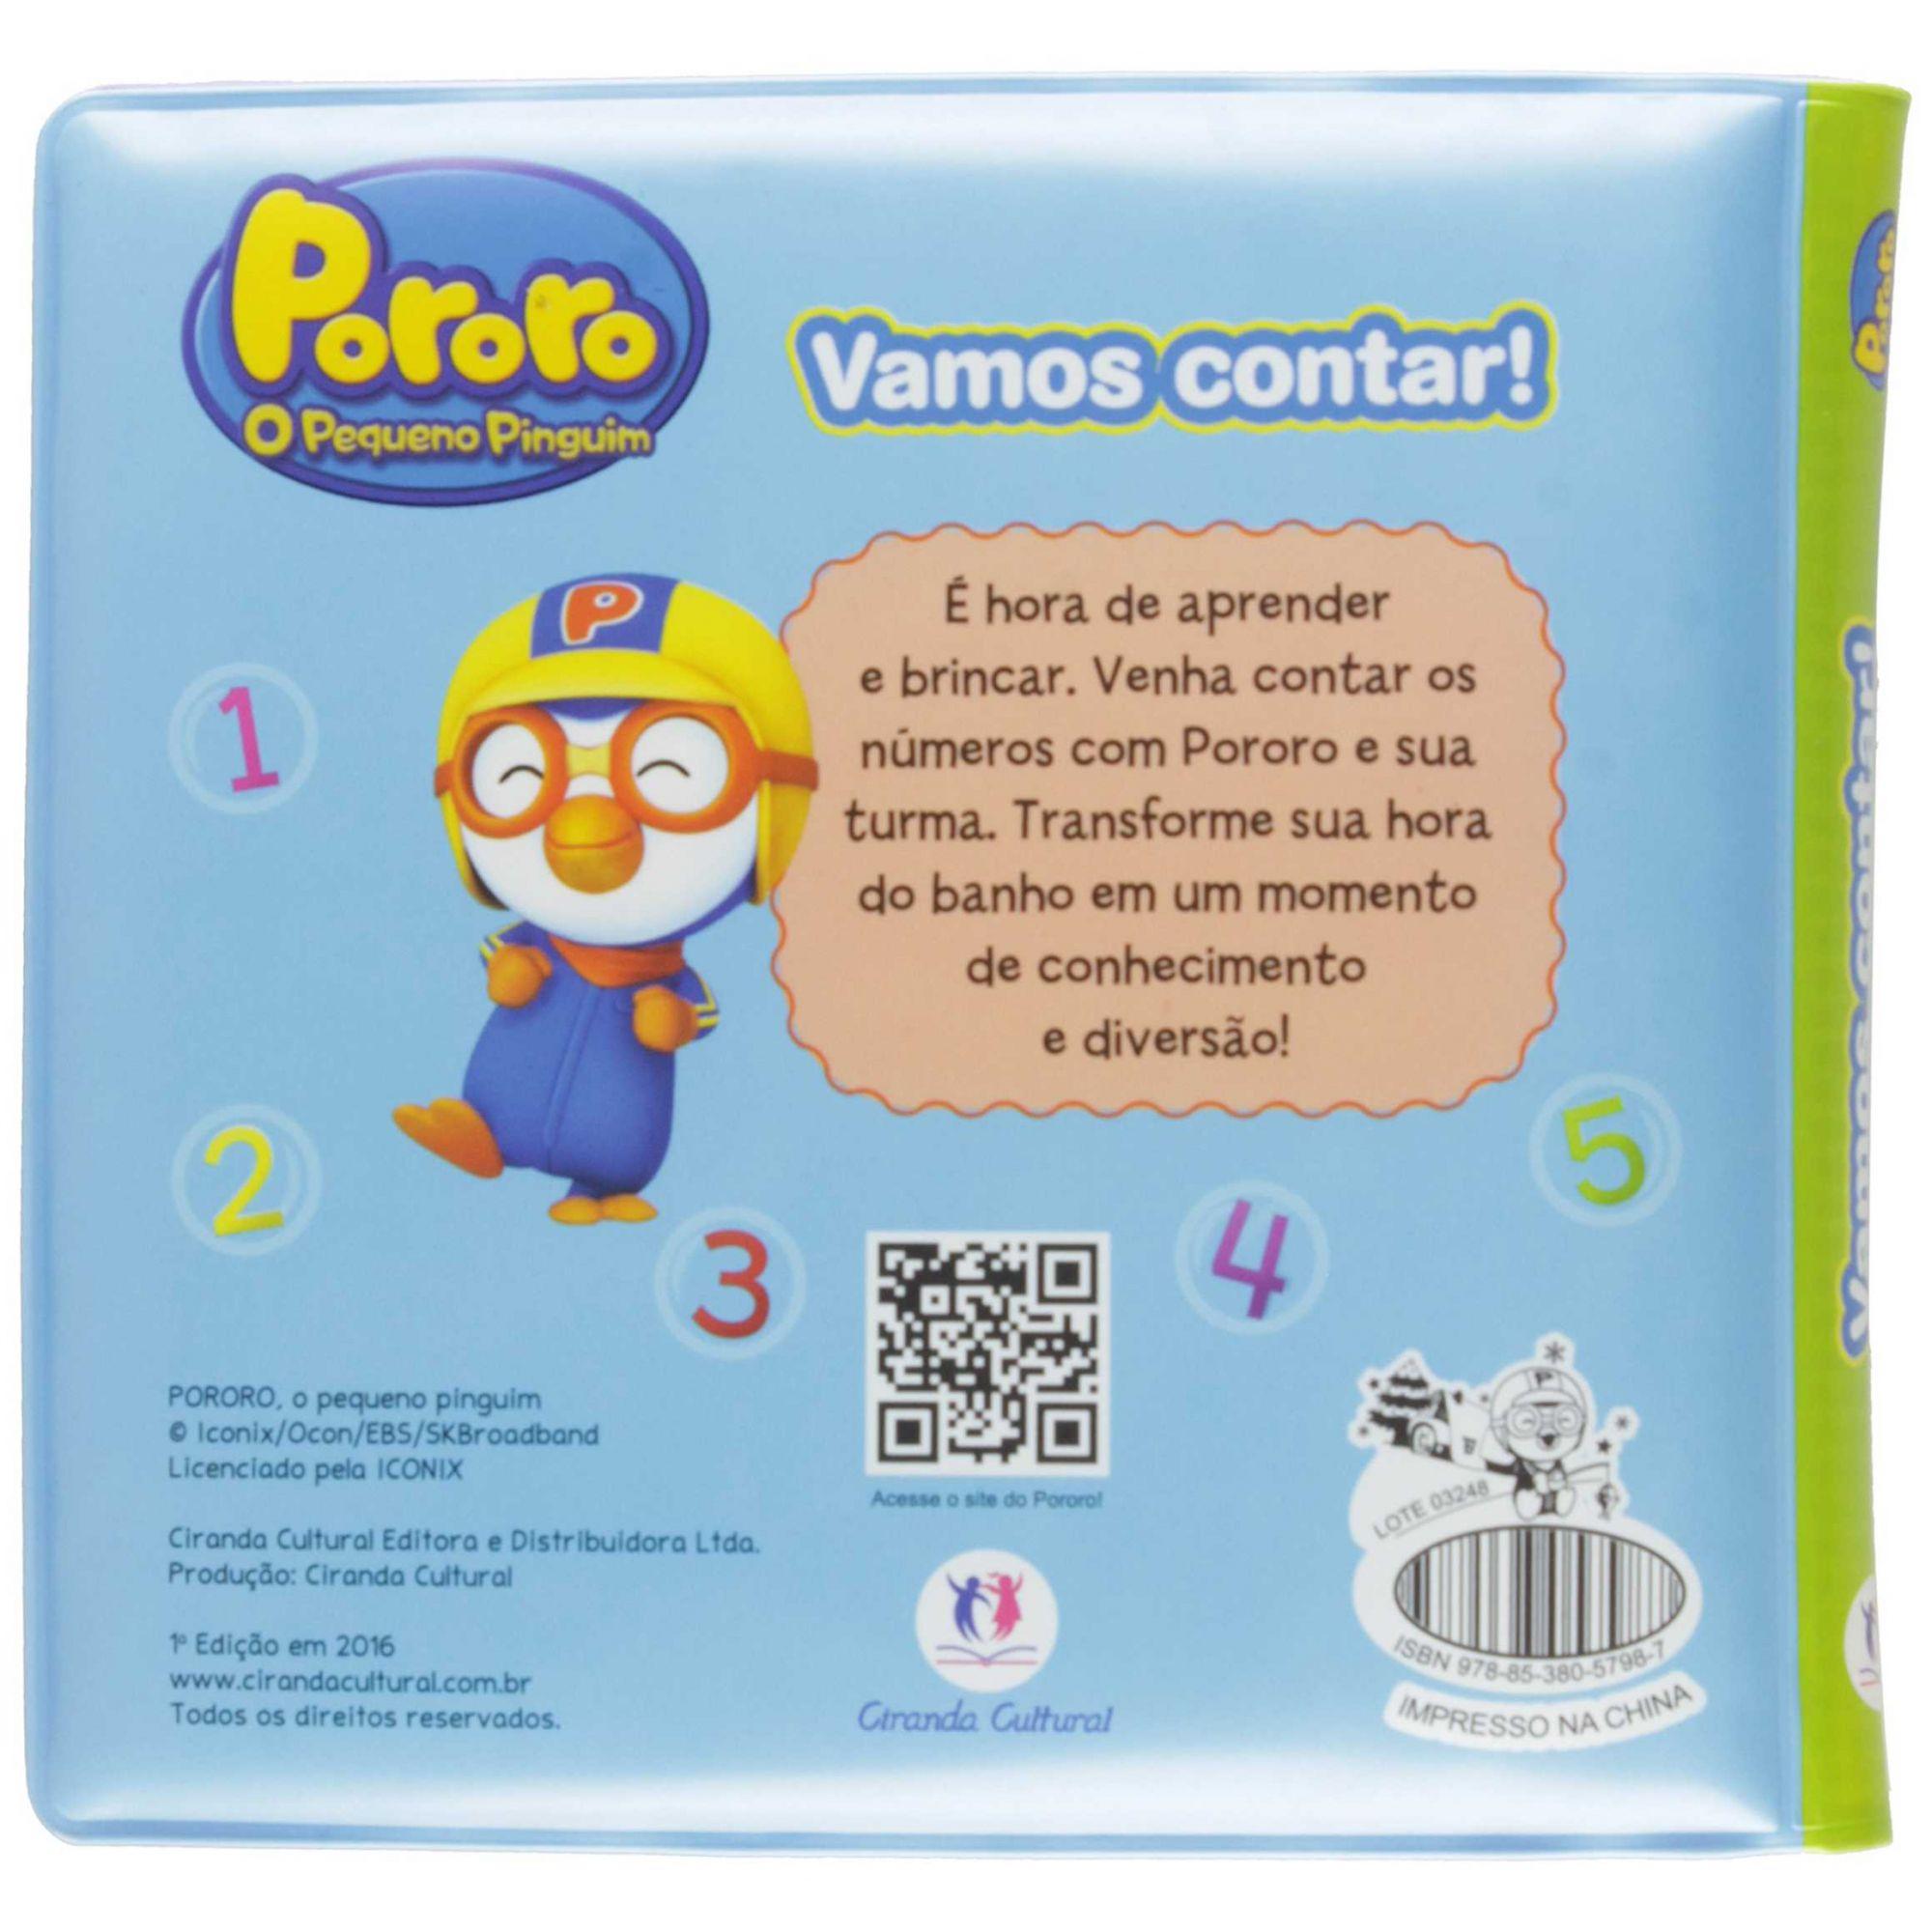 LIVRO DE BANHO VAMOS CONTAR - PORORO O PEQUENO PINGUIM